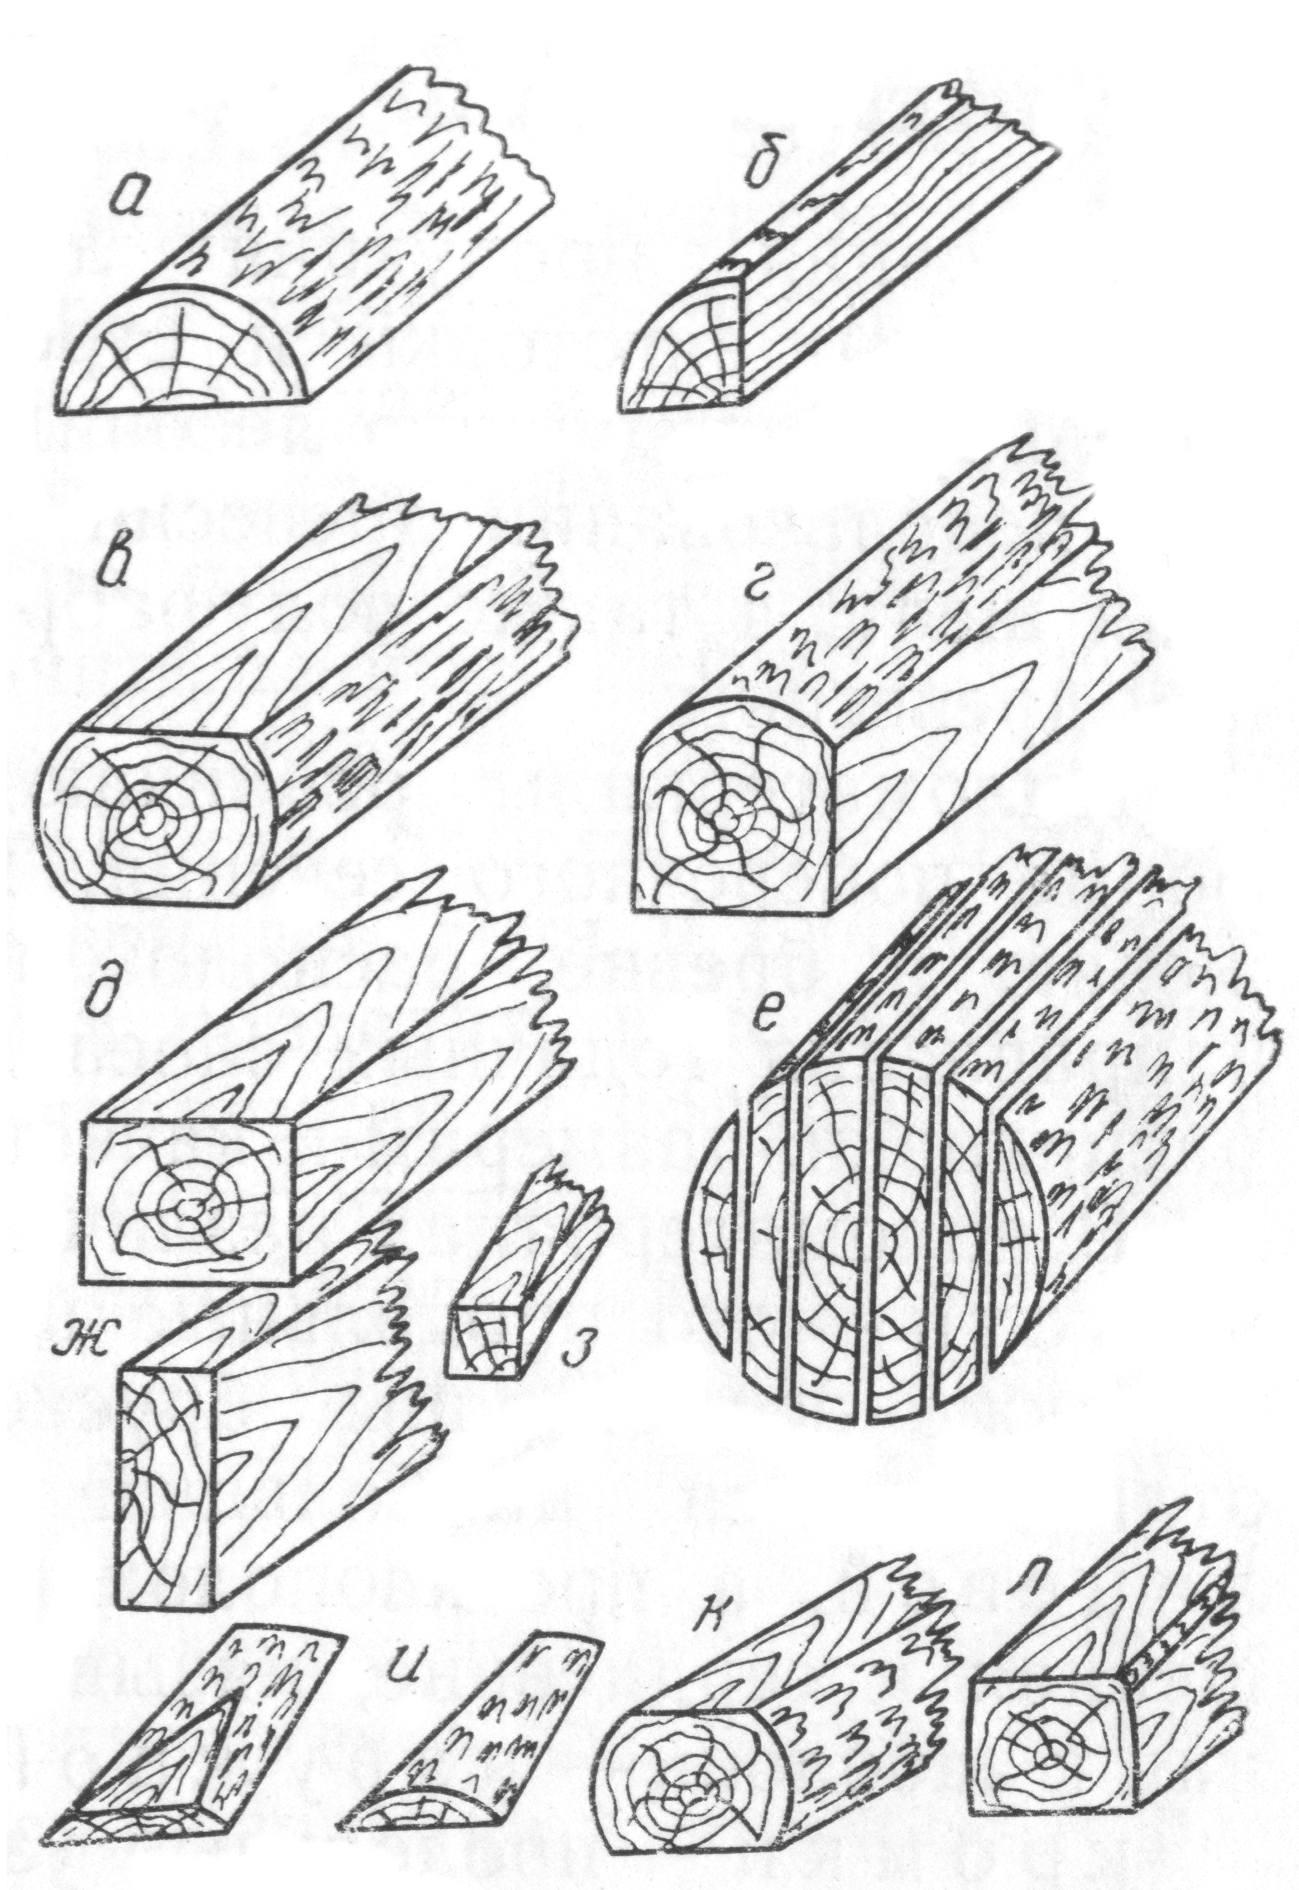 Применение пиломатериалов — технология производства, разновидности обработки